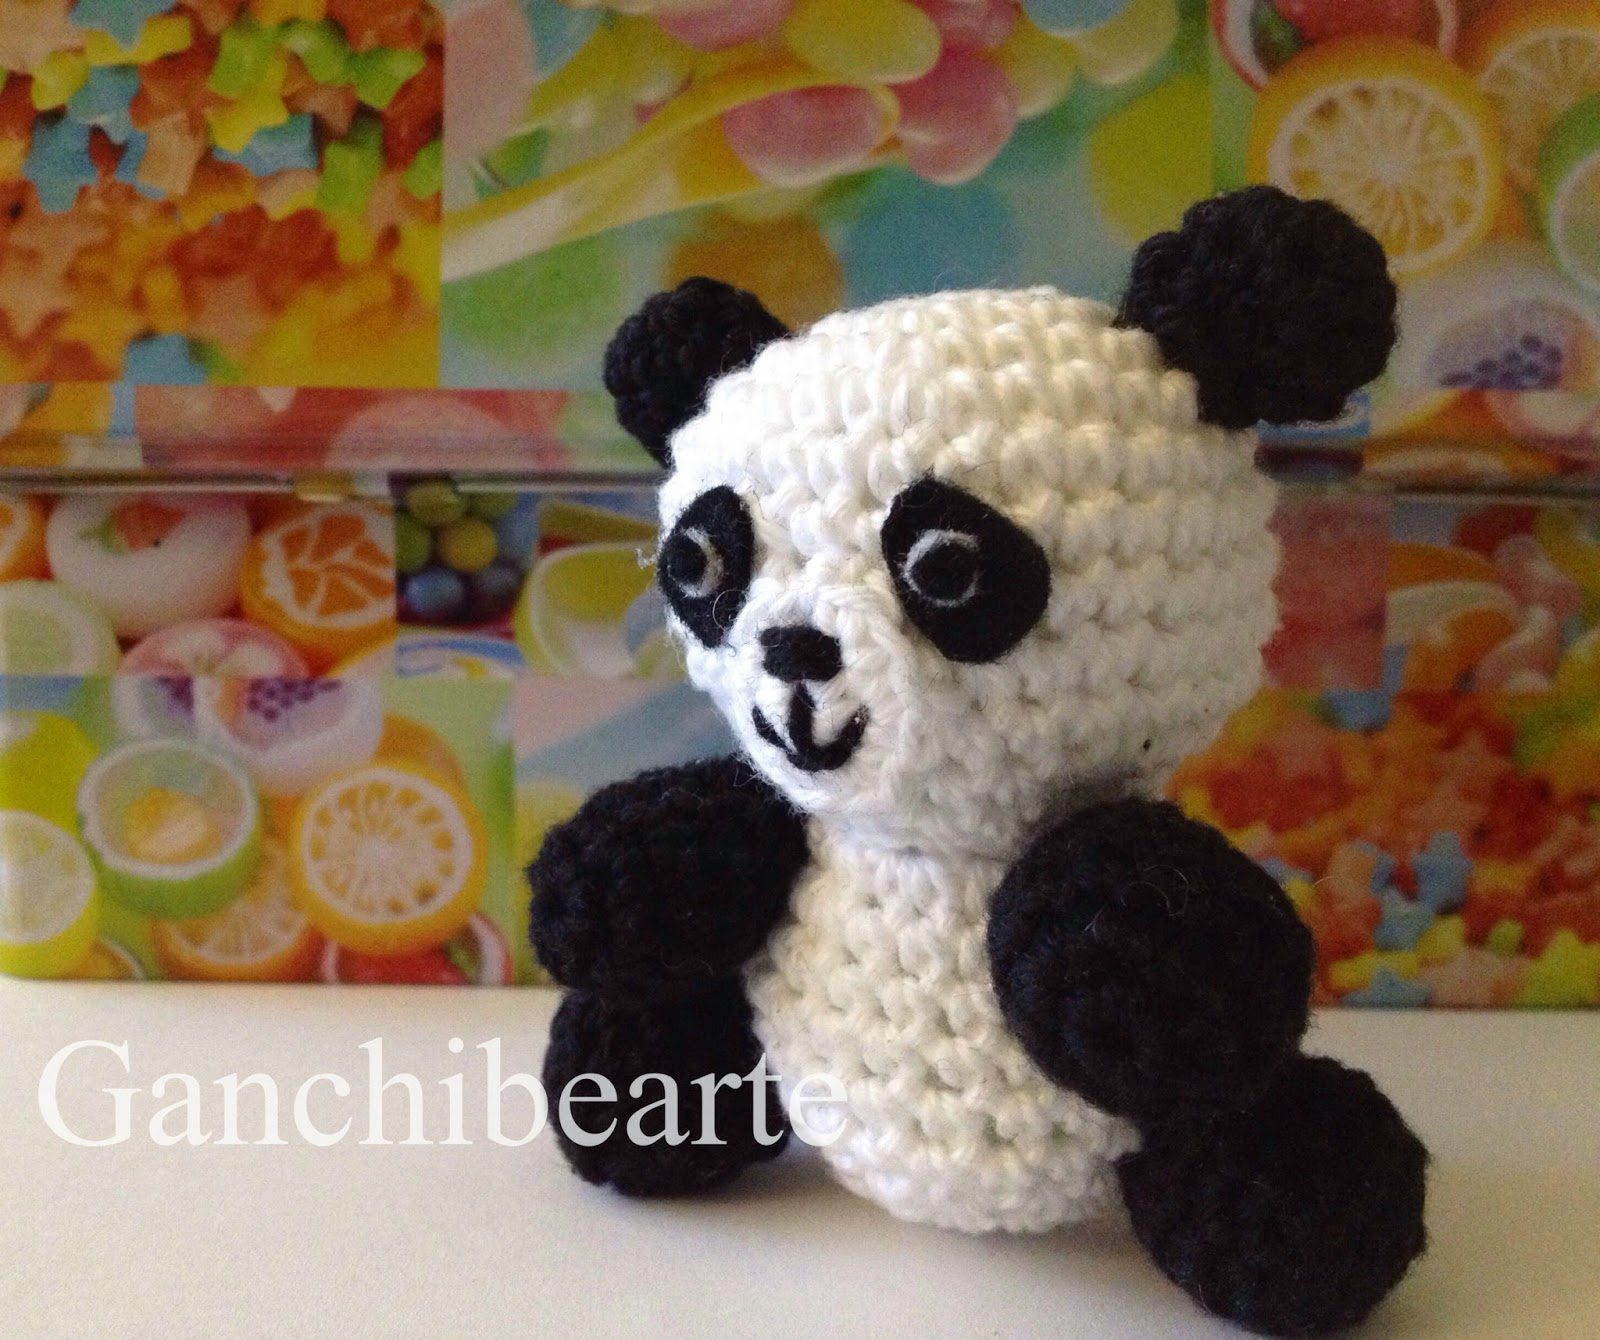 Panda amigurumi patron | Patrones amigurumi, Patrones, Amigurumi ... | 1340x1600